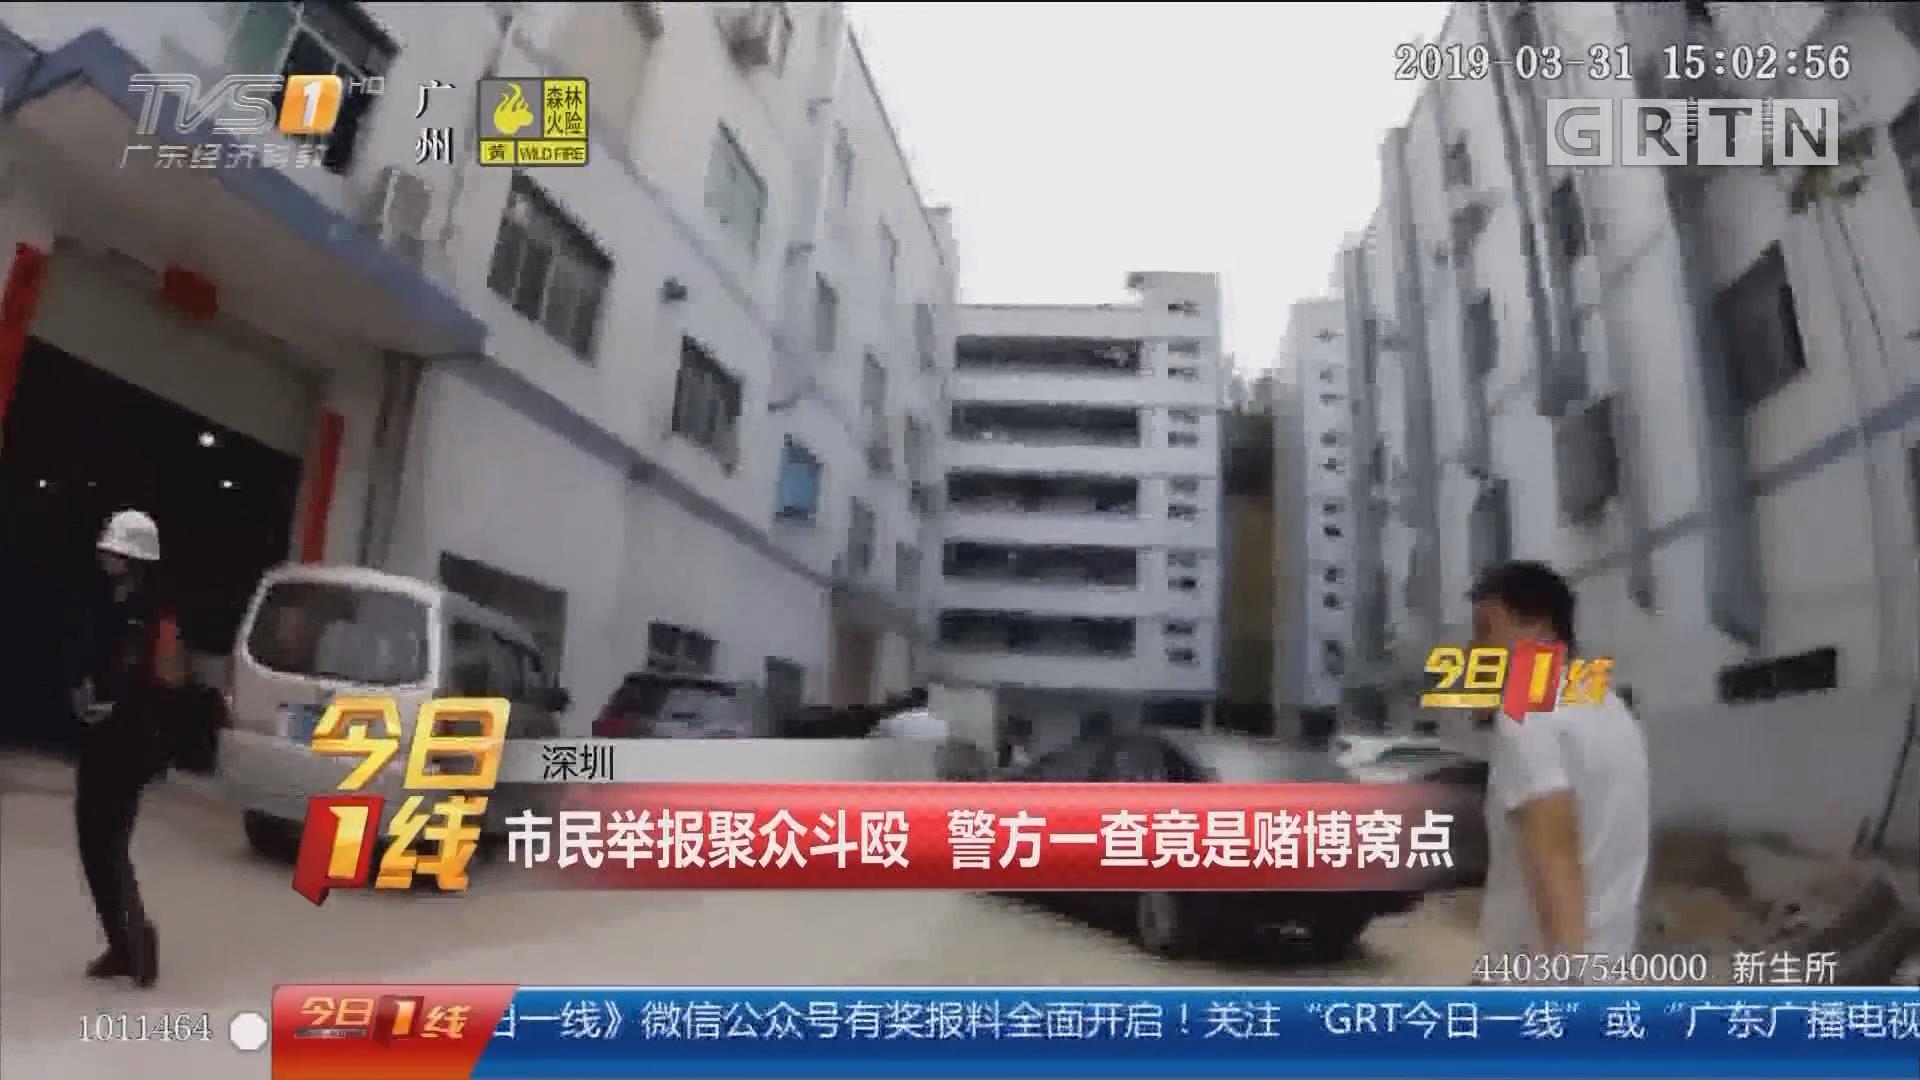 深圳:市民举报聚众斗殴 警方一查竟是赌博窝点